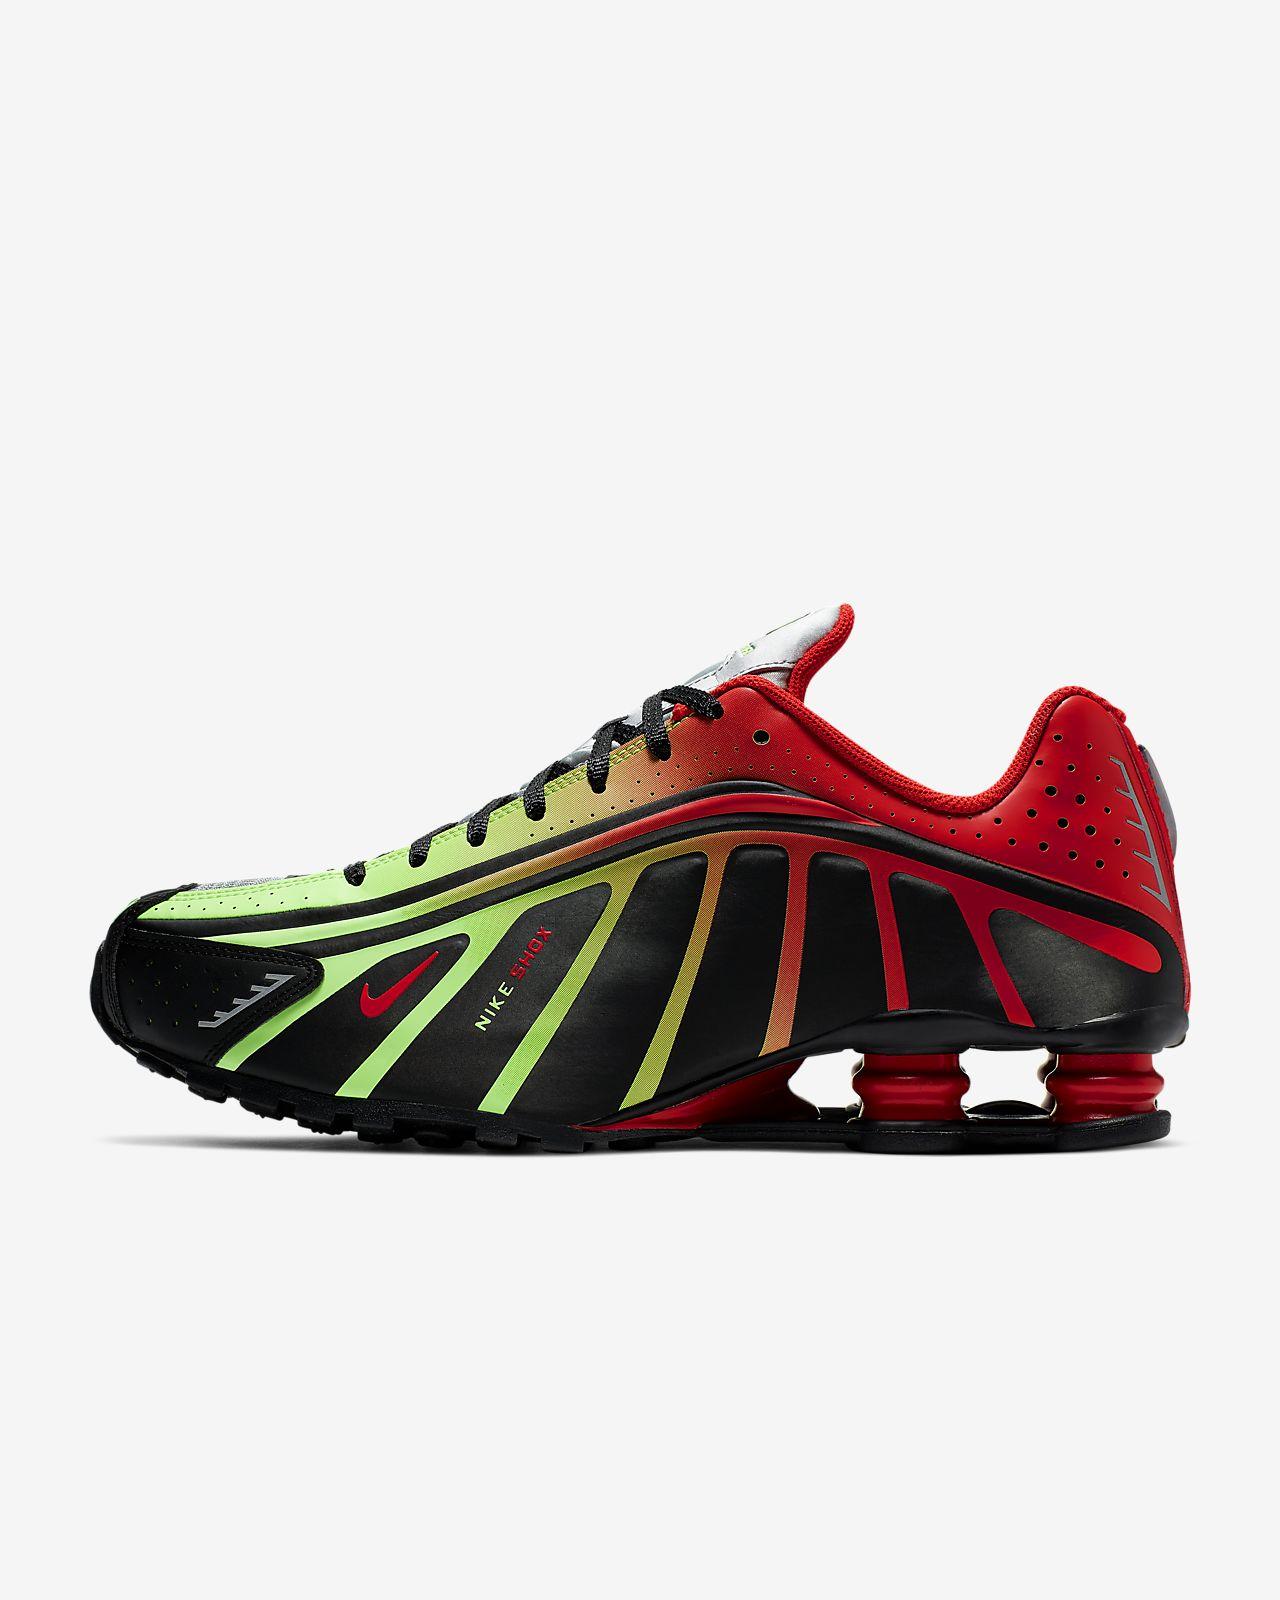 Nike Shox R4 Neymar Jr. cipő